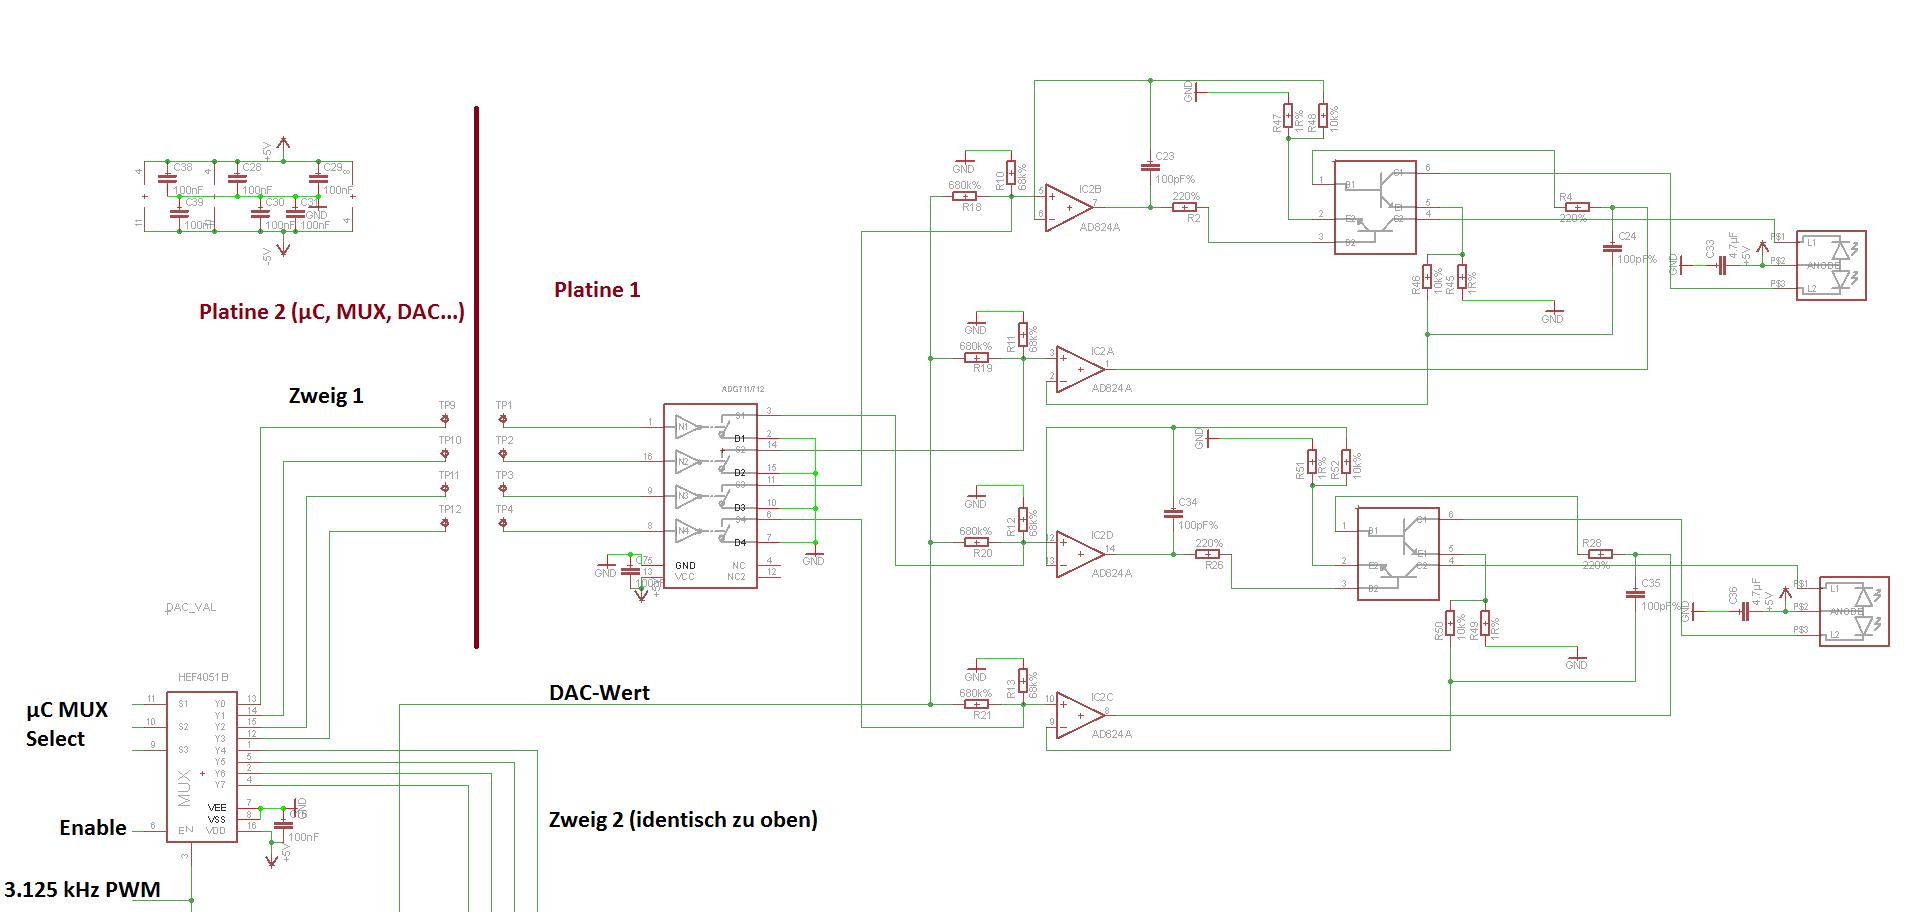 Ground stabilisieren? Schaltungen im Anhang - Mikrocontroller.net